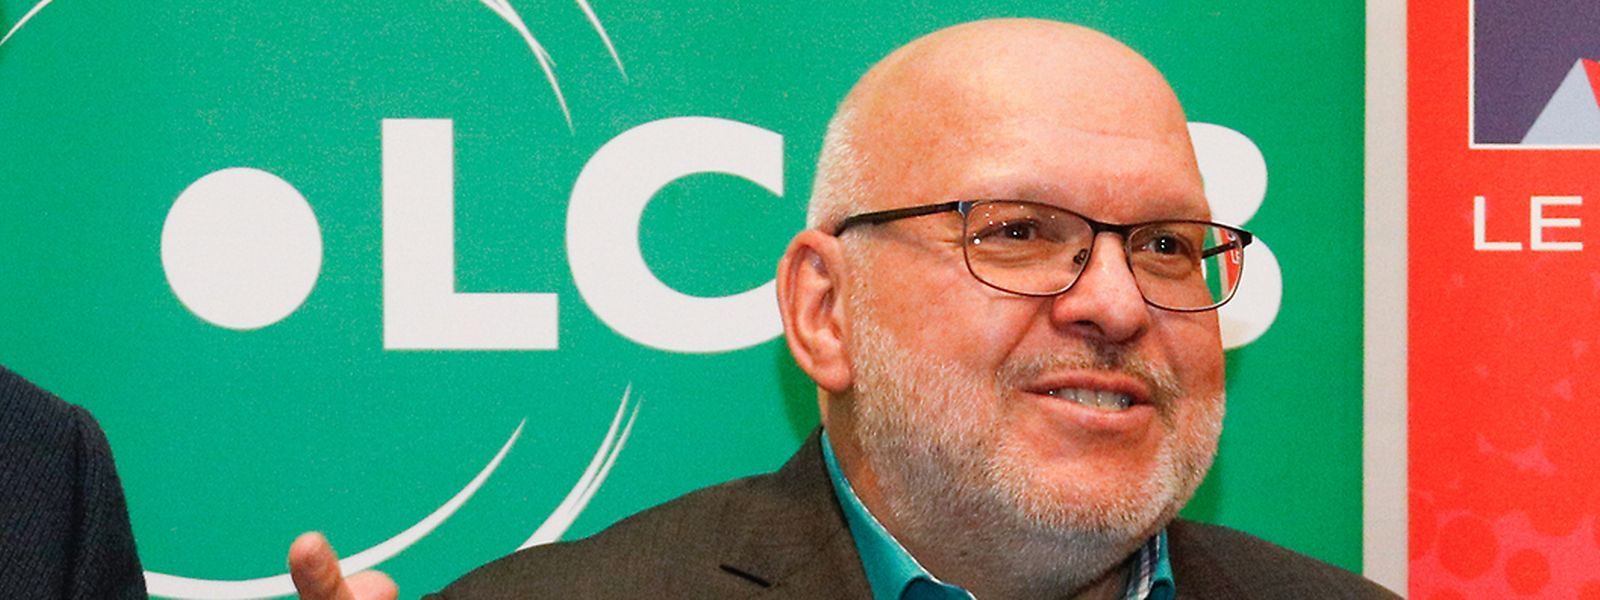 Le syndicat présidé par Patrick Dury a encore augmenté ses effectifs pour atteindre un niveau jamais vu.